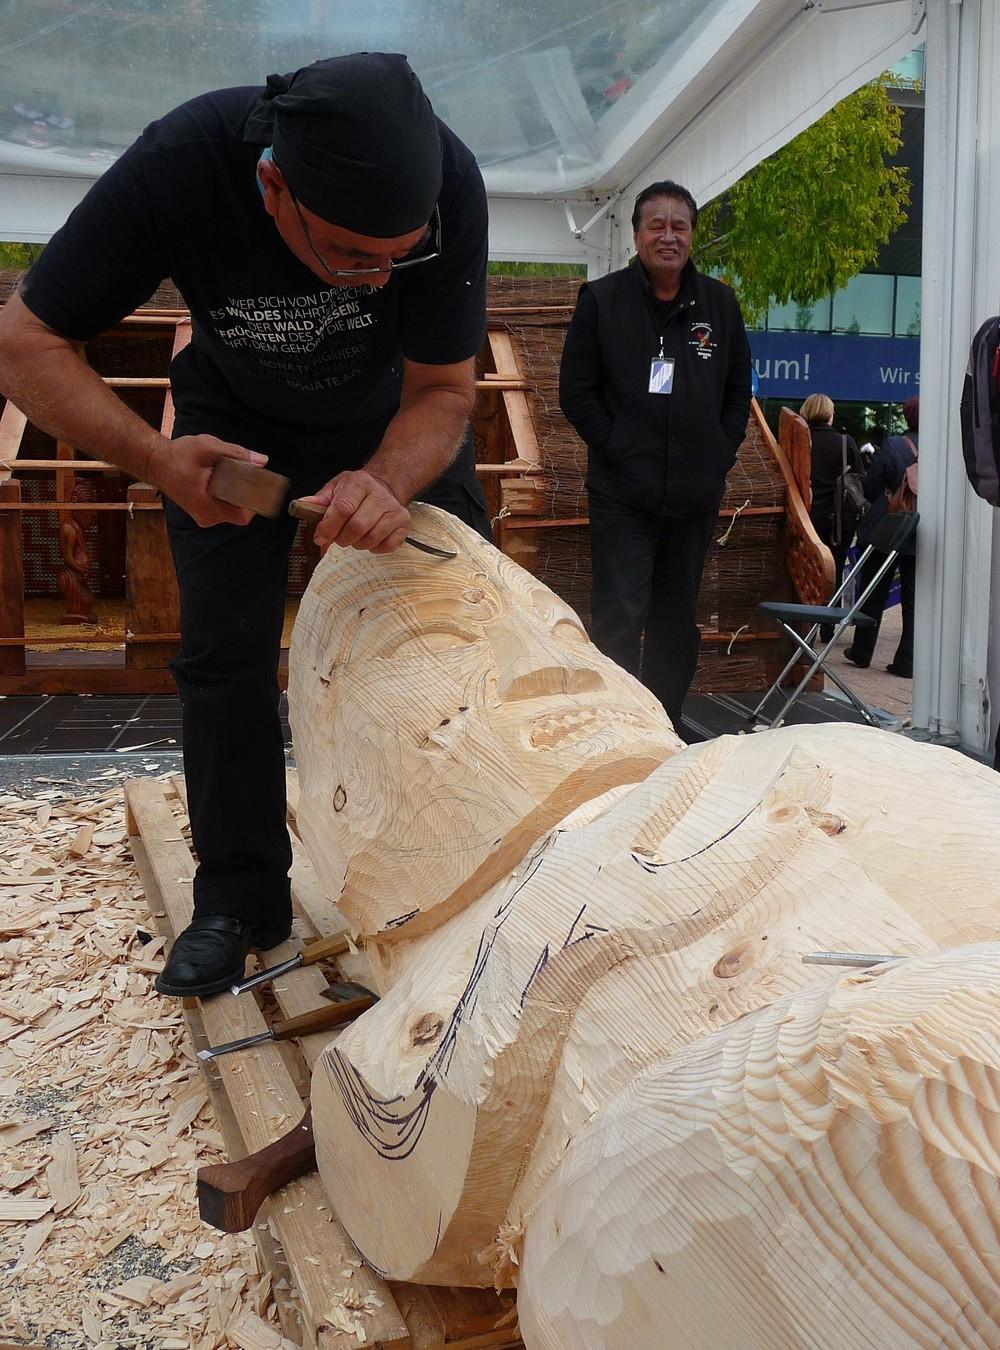 Maorské tradice byly inspirací pro celý festival